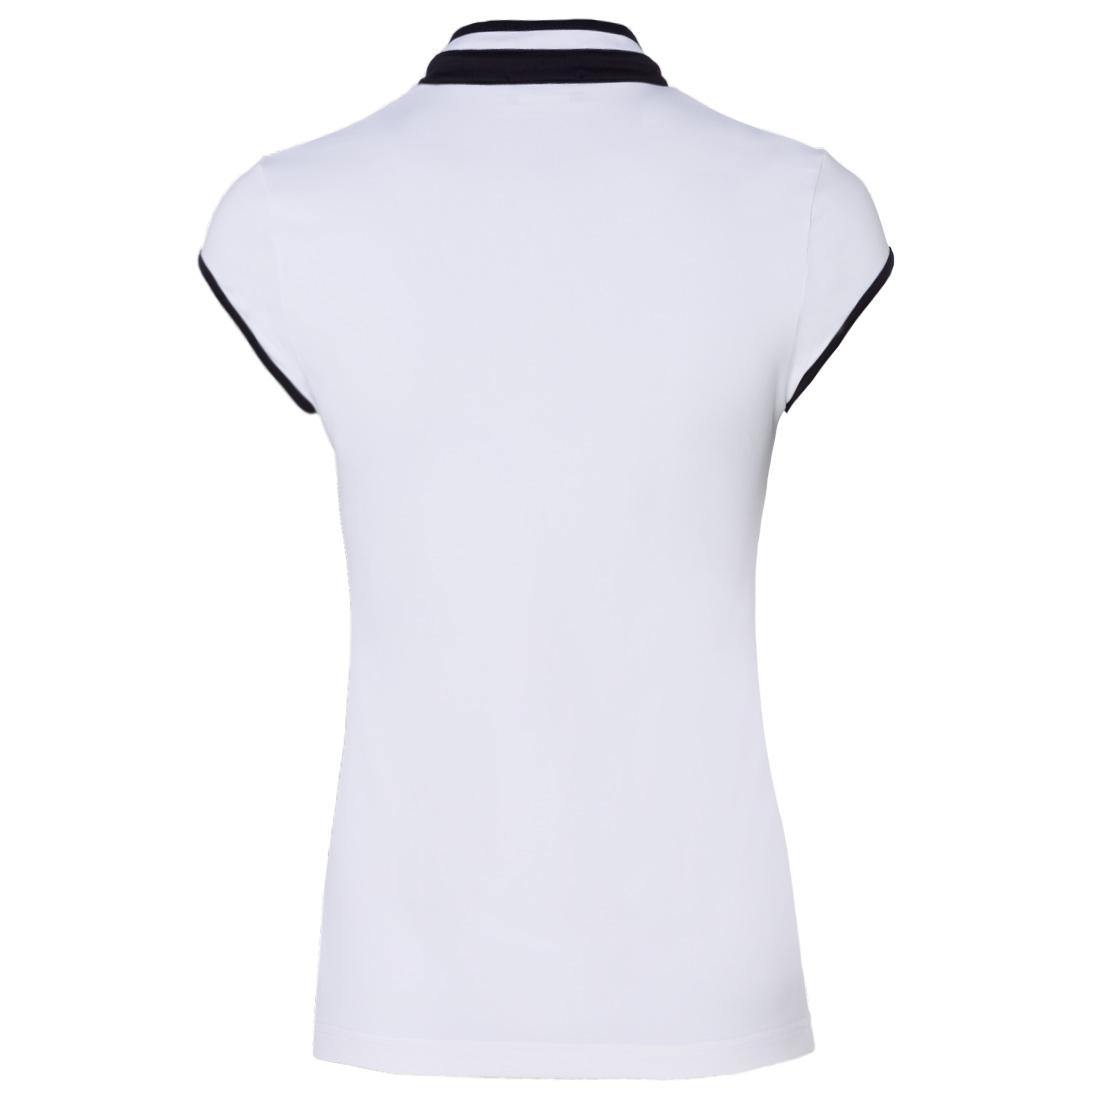 Damen Poloshirt mit Troyer-Kragen und Flügelarm aus Sonnenschutz-Stoff